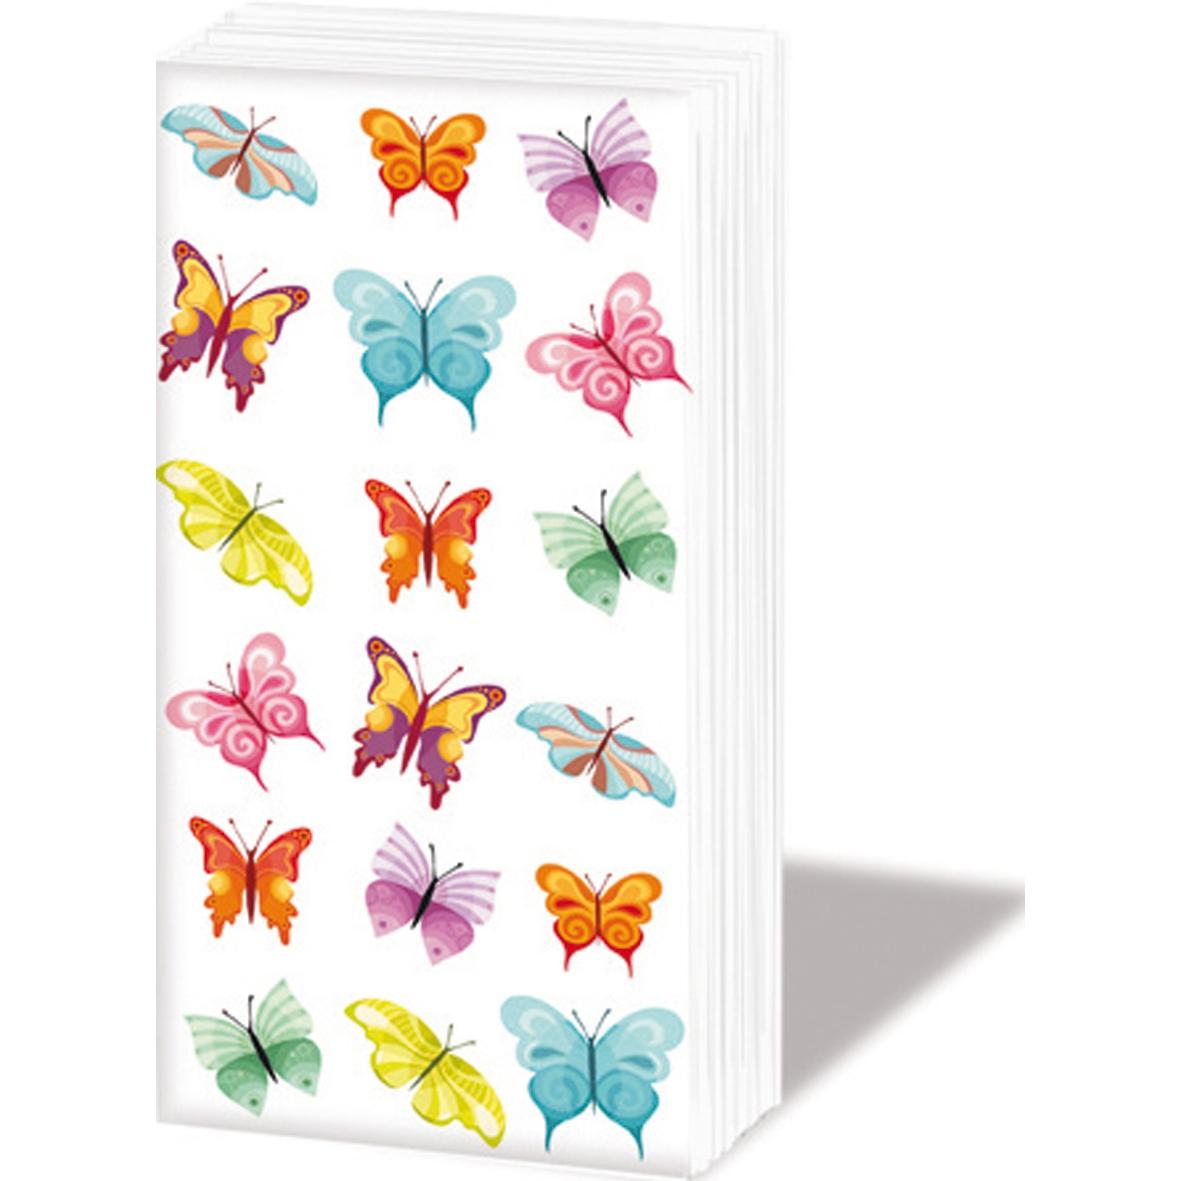 Taschentücher Butterflies Collage